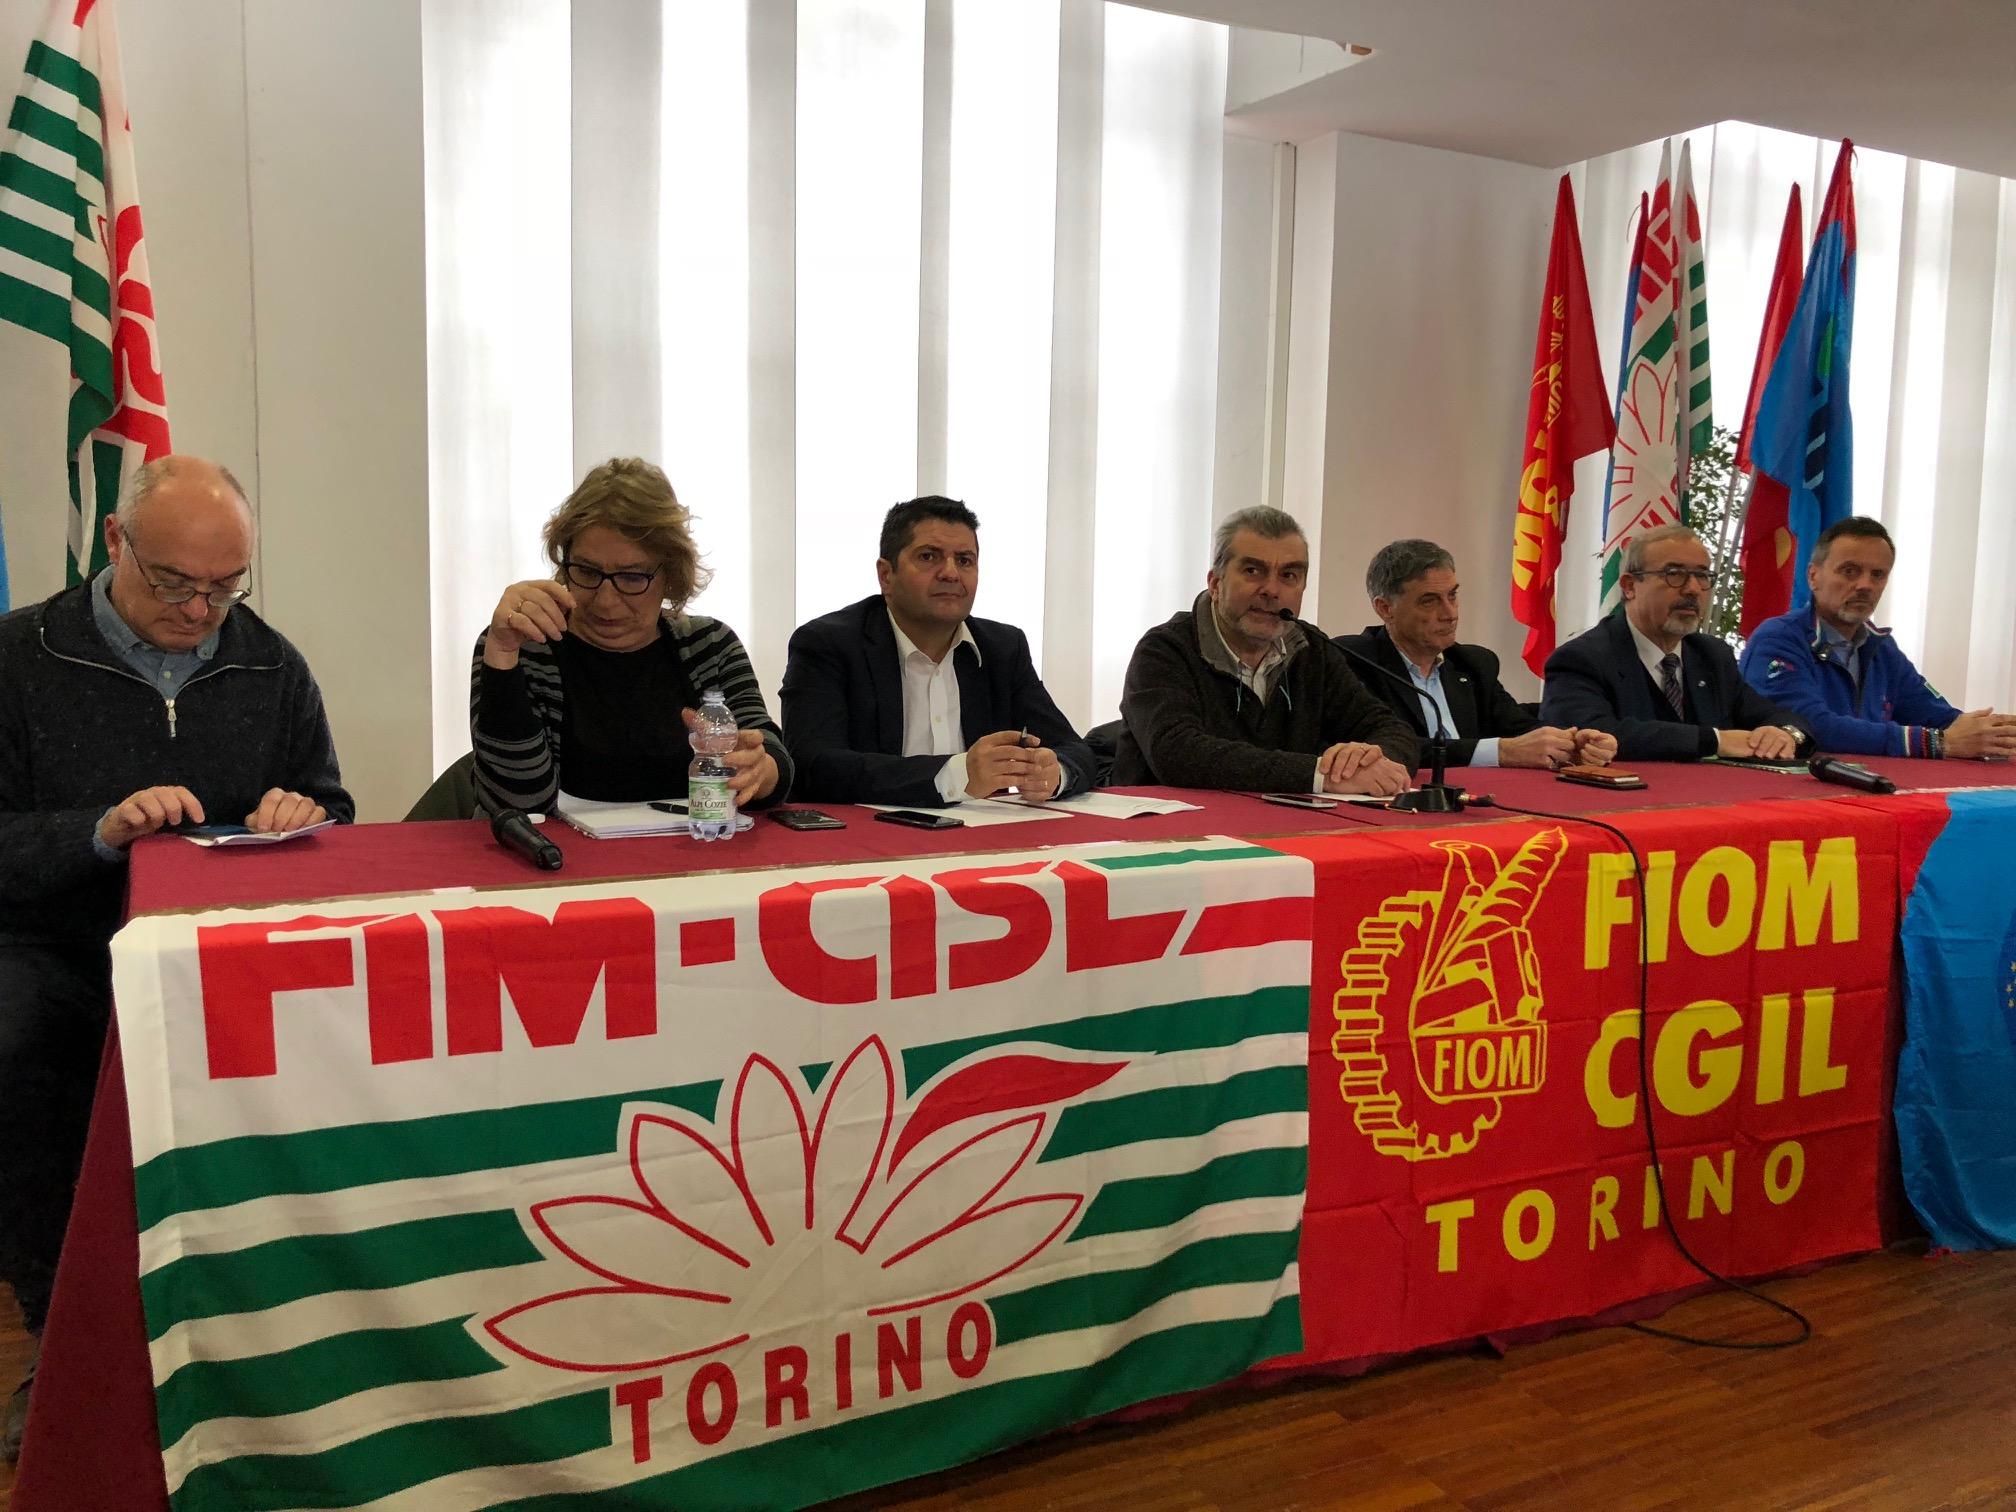 Svolta sull'Embraco, Chiarle introduce i lavori a Torino